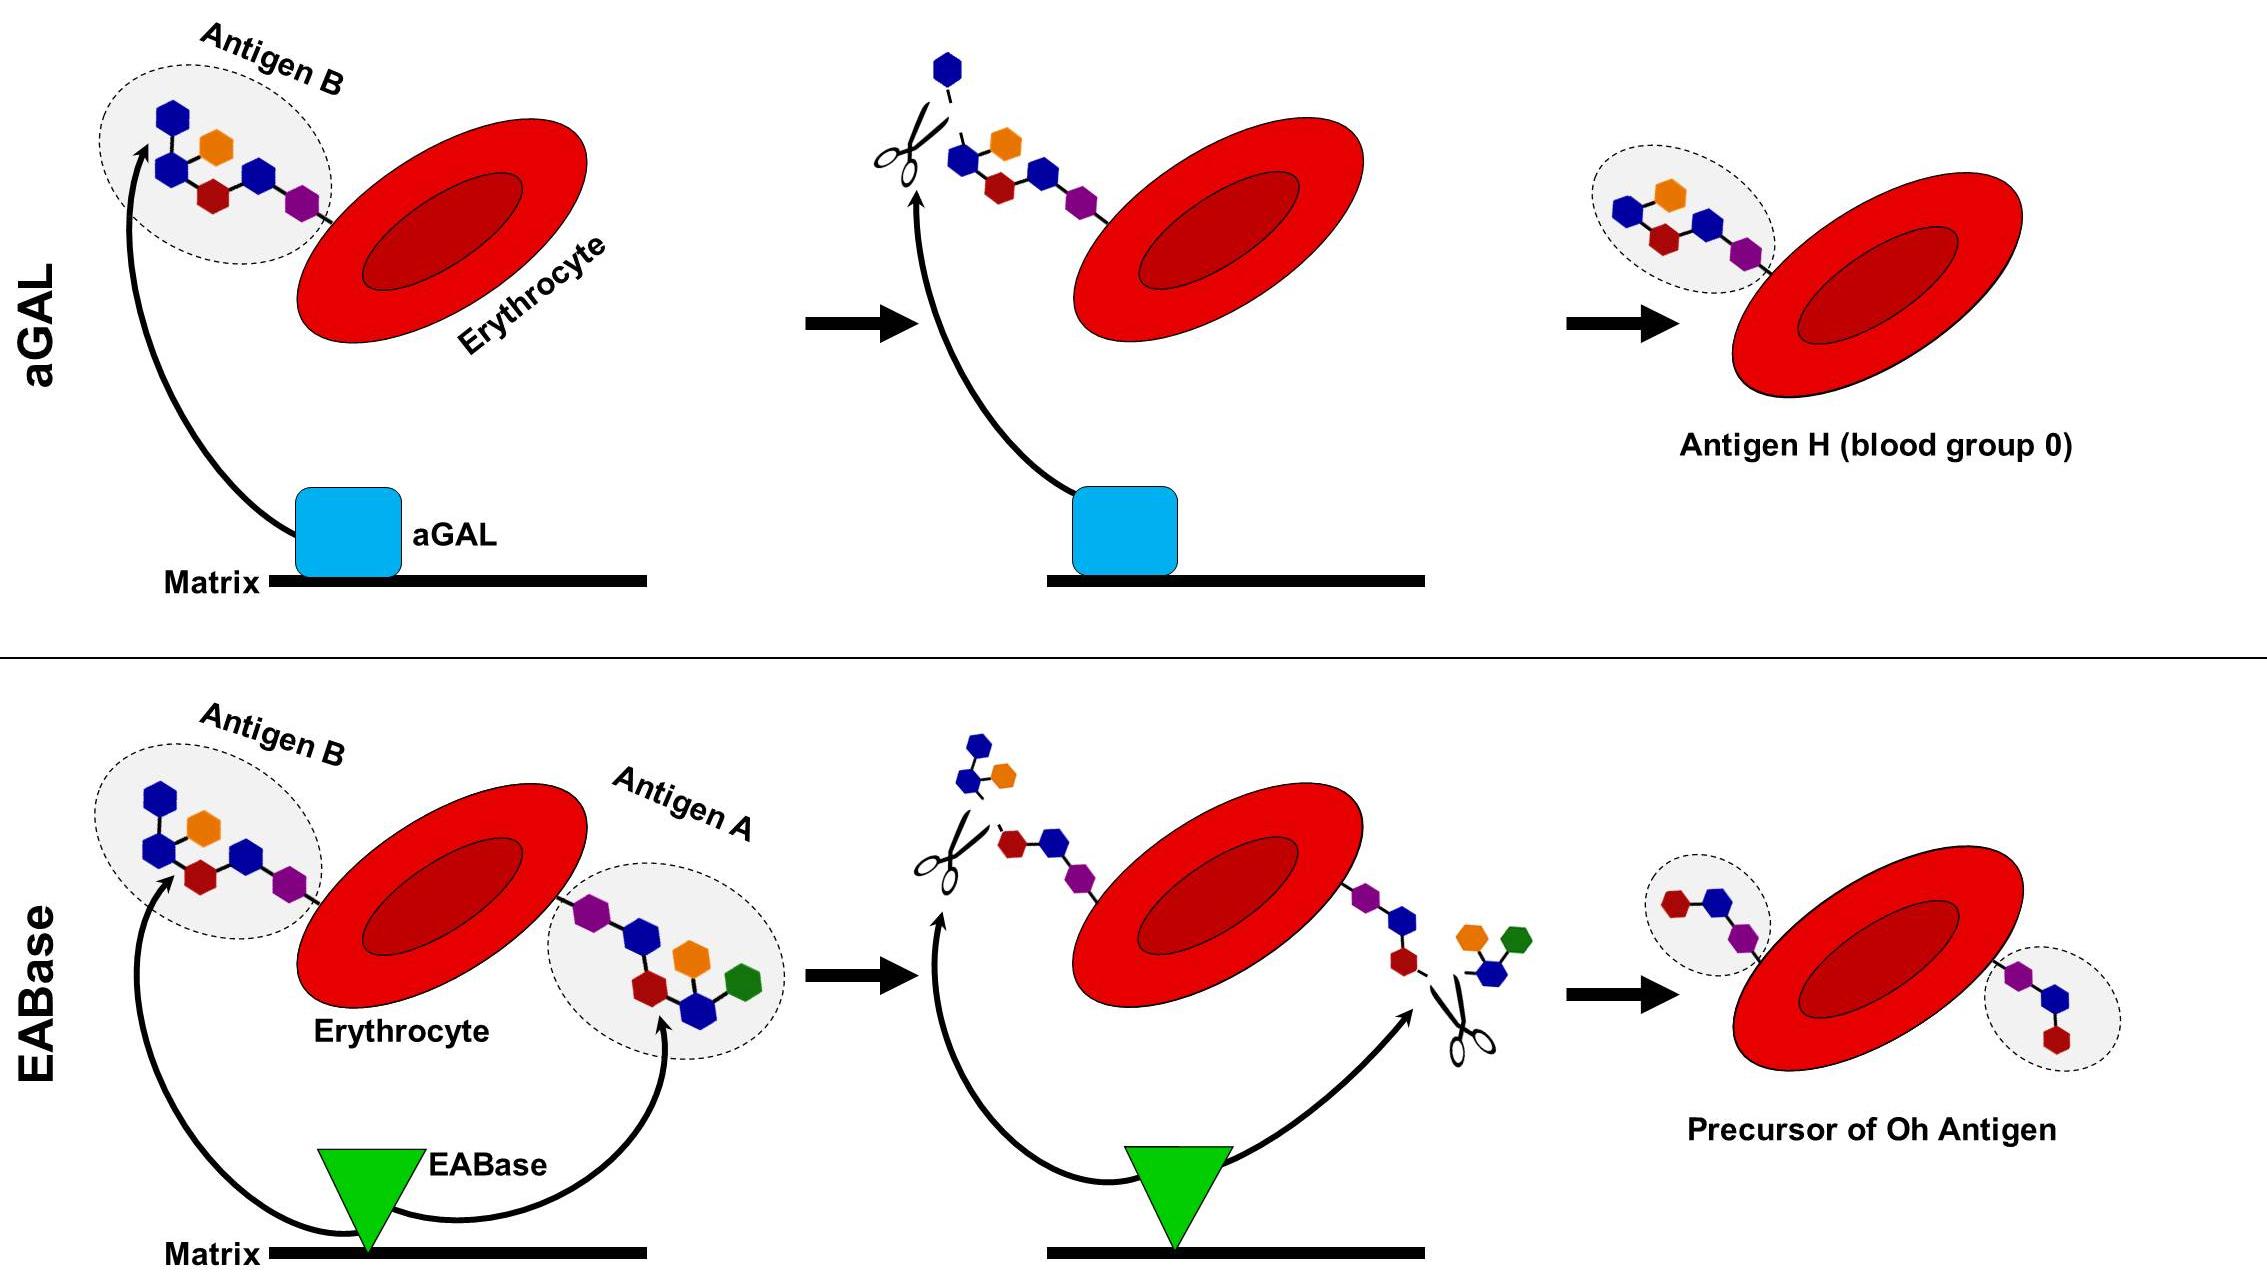 অতিবিরল বোম্বাই রক্তের গ্রুপ বা h/h গ্রুপ